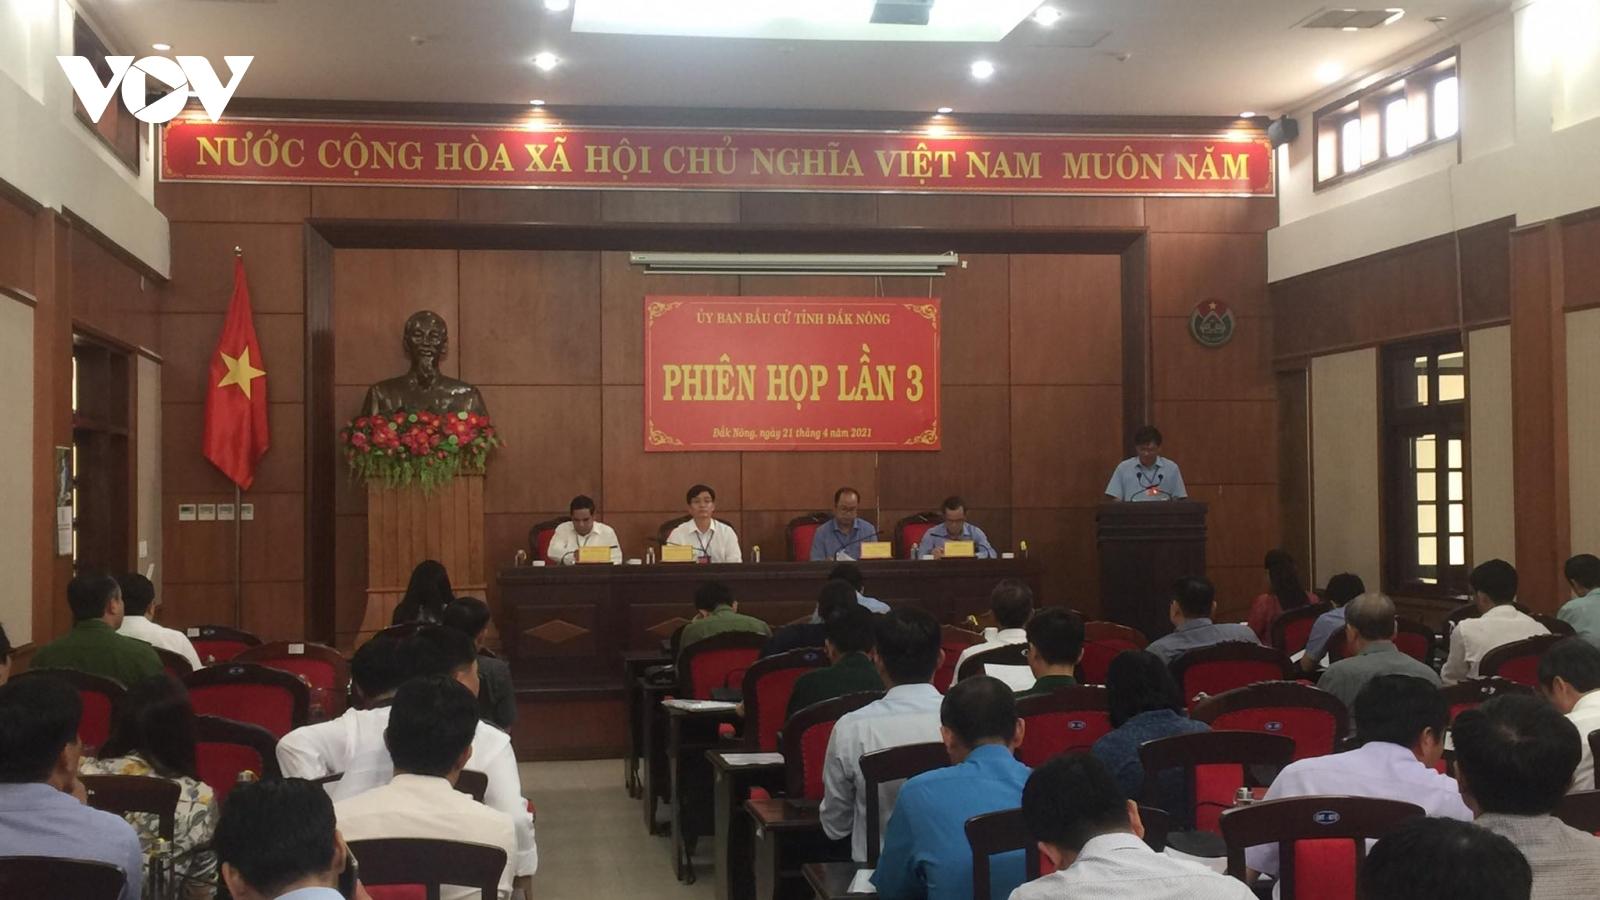 Đắk Nông có 10 người ứng cử đại biểu QH và 88 người ứng cử đại biểu HĐND tỉnh